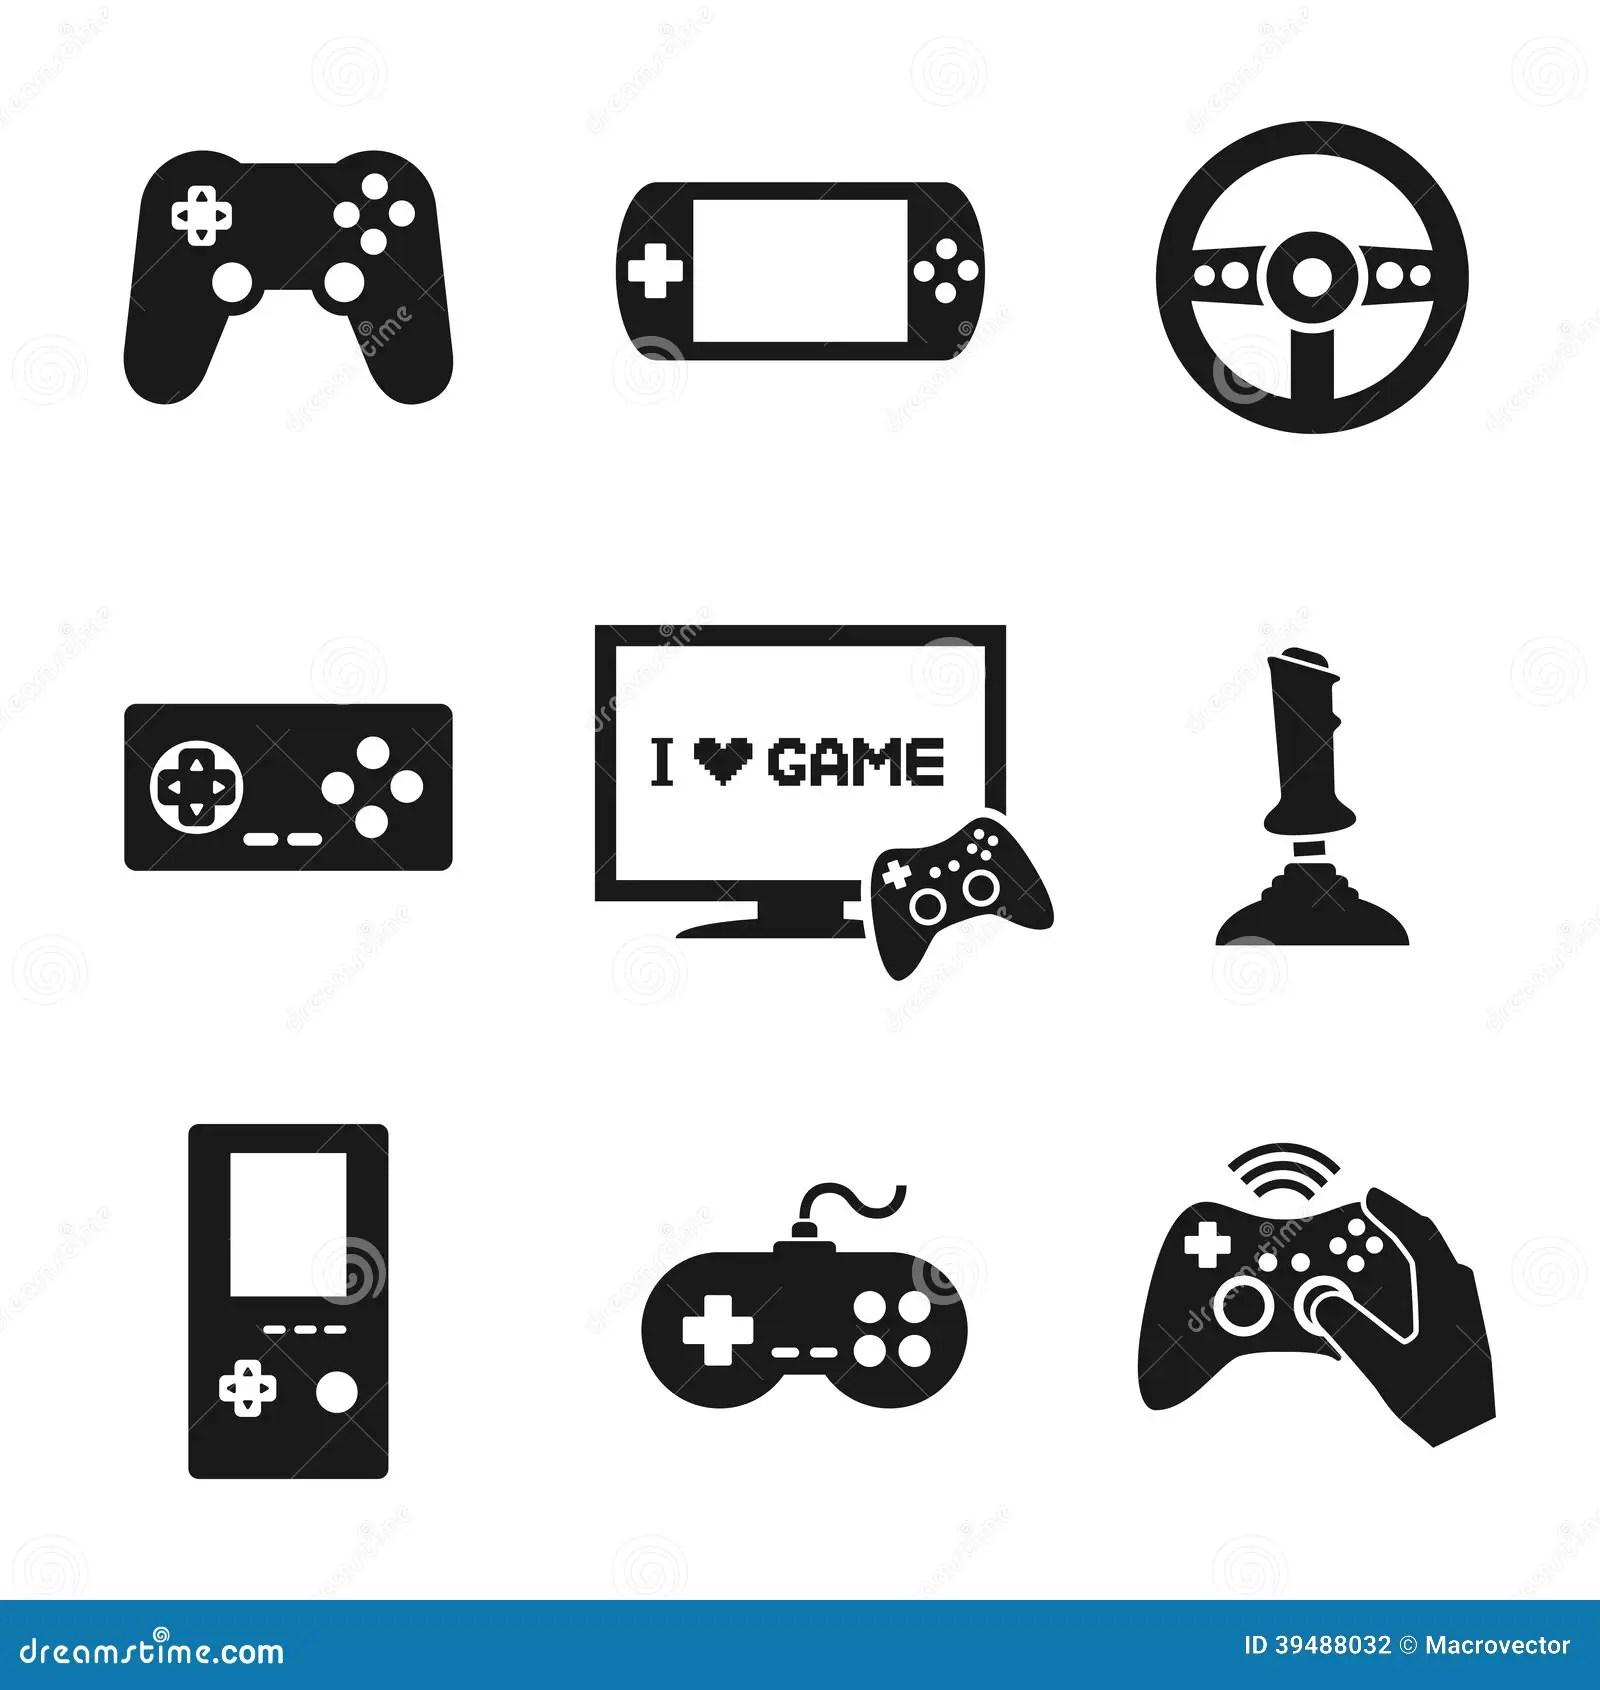 Controleur Icons Set De Jeux Video Illustration De Vecteur